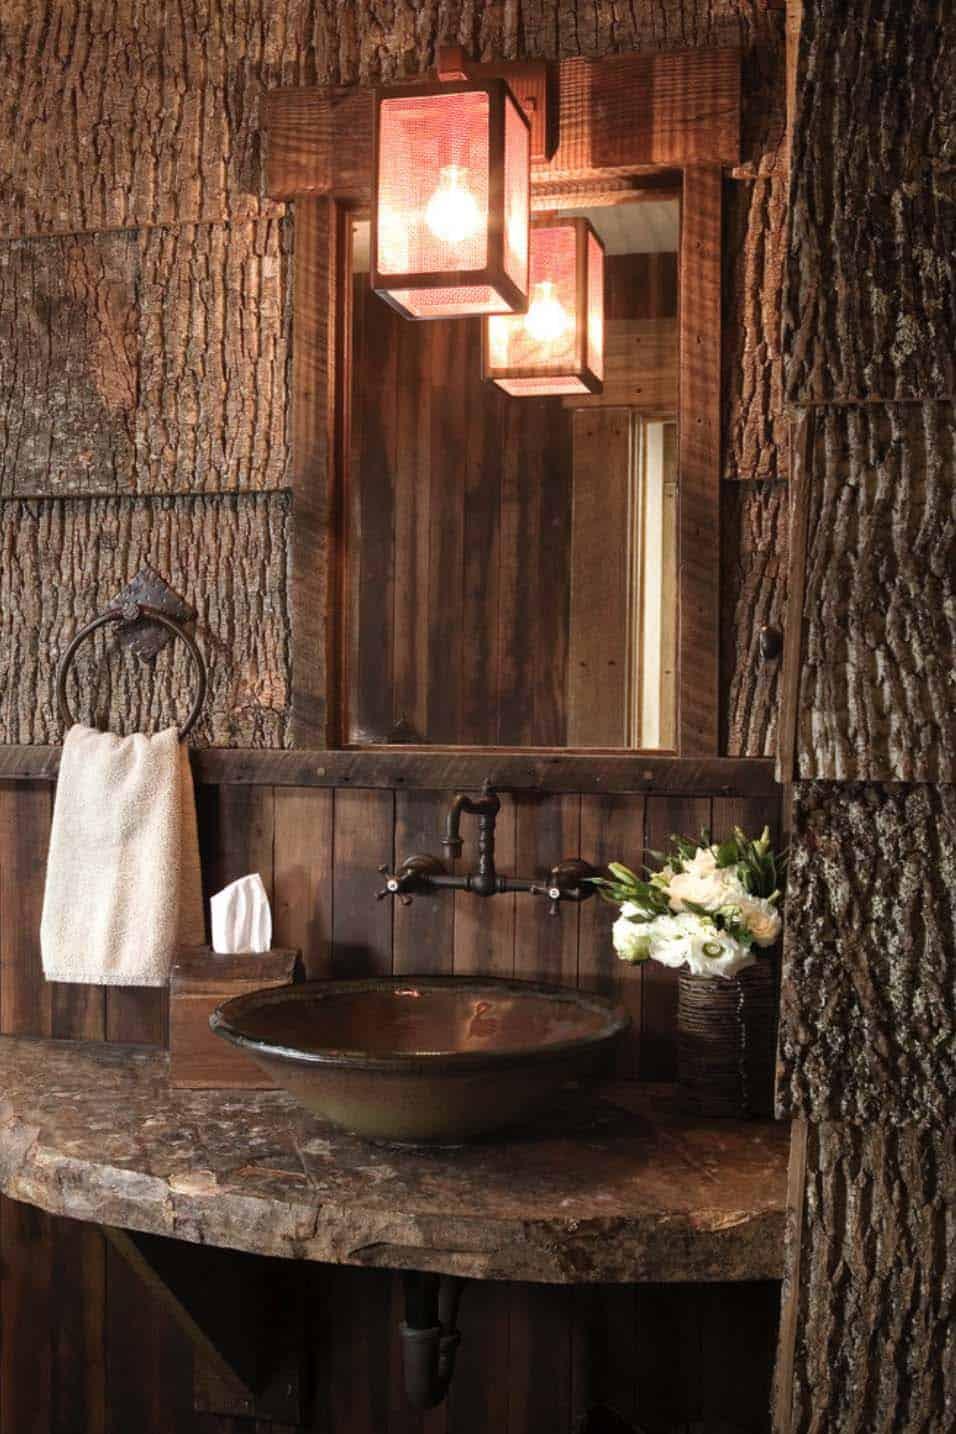 rustique-montagne-retraite-salle-de-bain-poudre